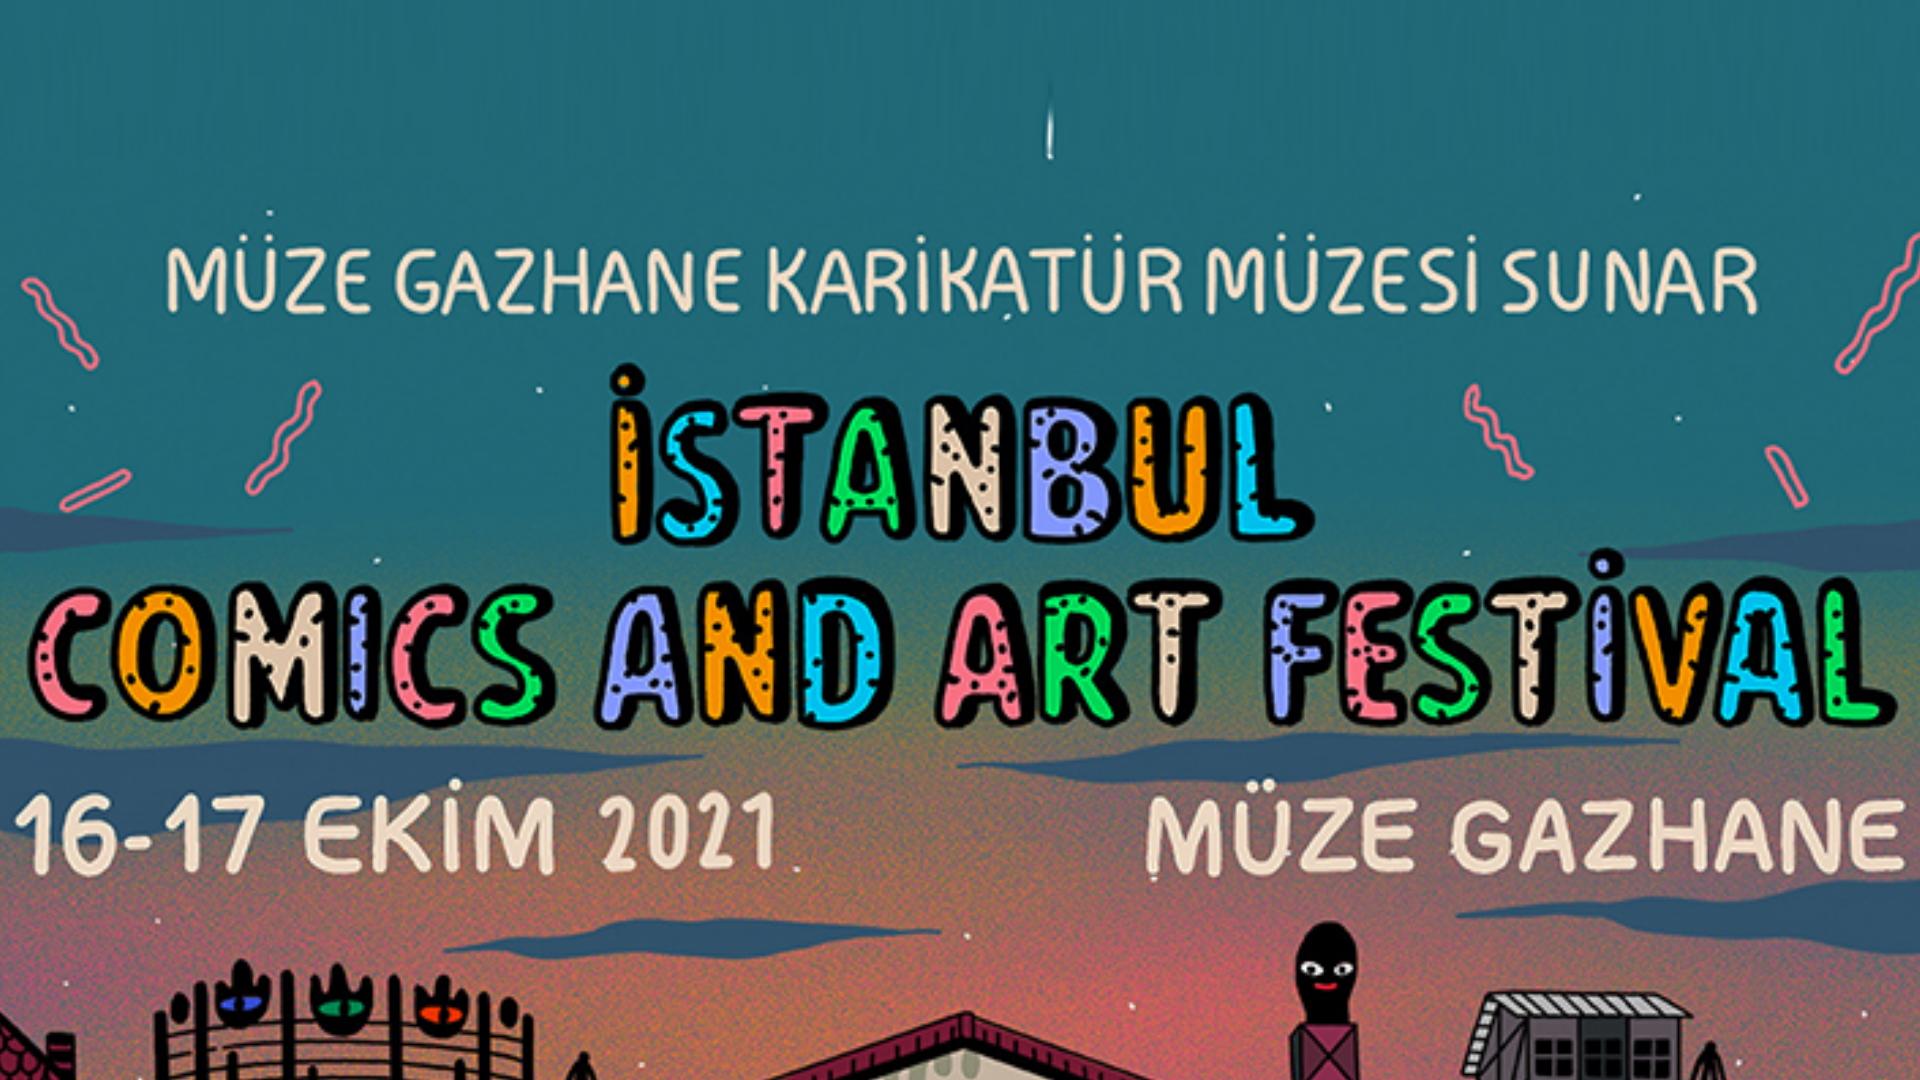 Müze Gazhane: İstanbul Comics and Art Festival başlıyor!